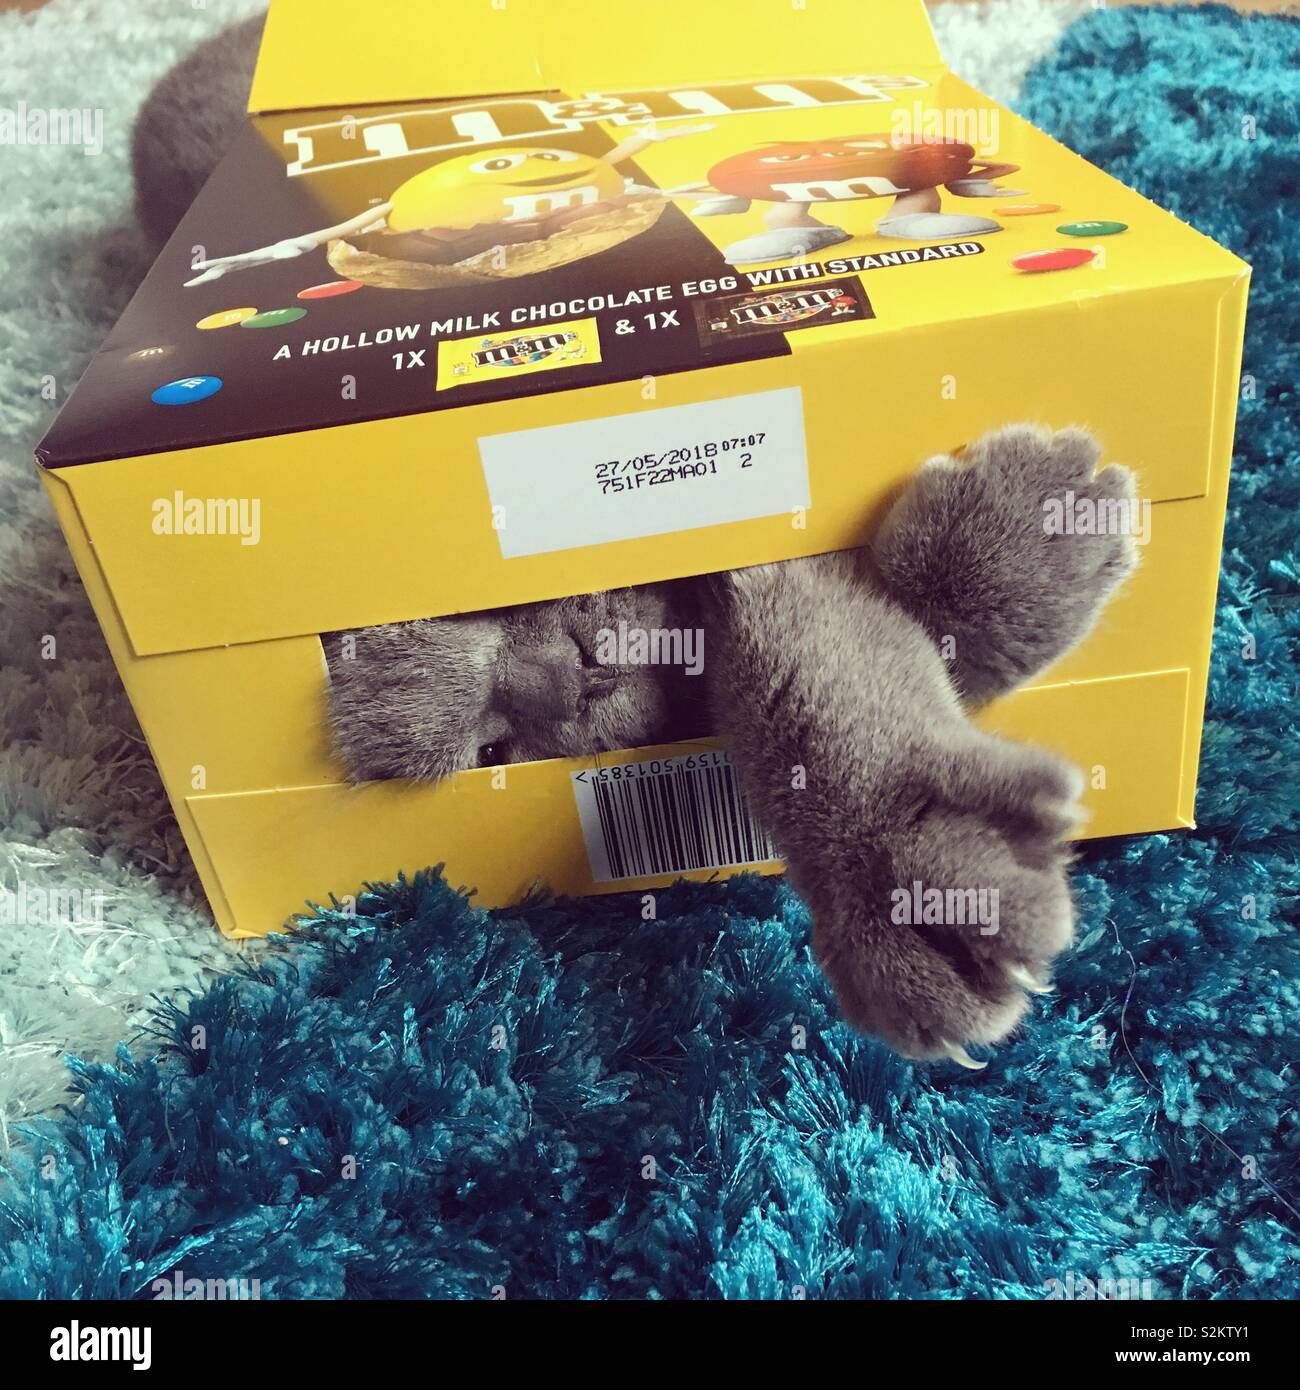 A alguien le encanta el cartón un poco demasiado! Foto de stock